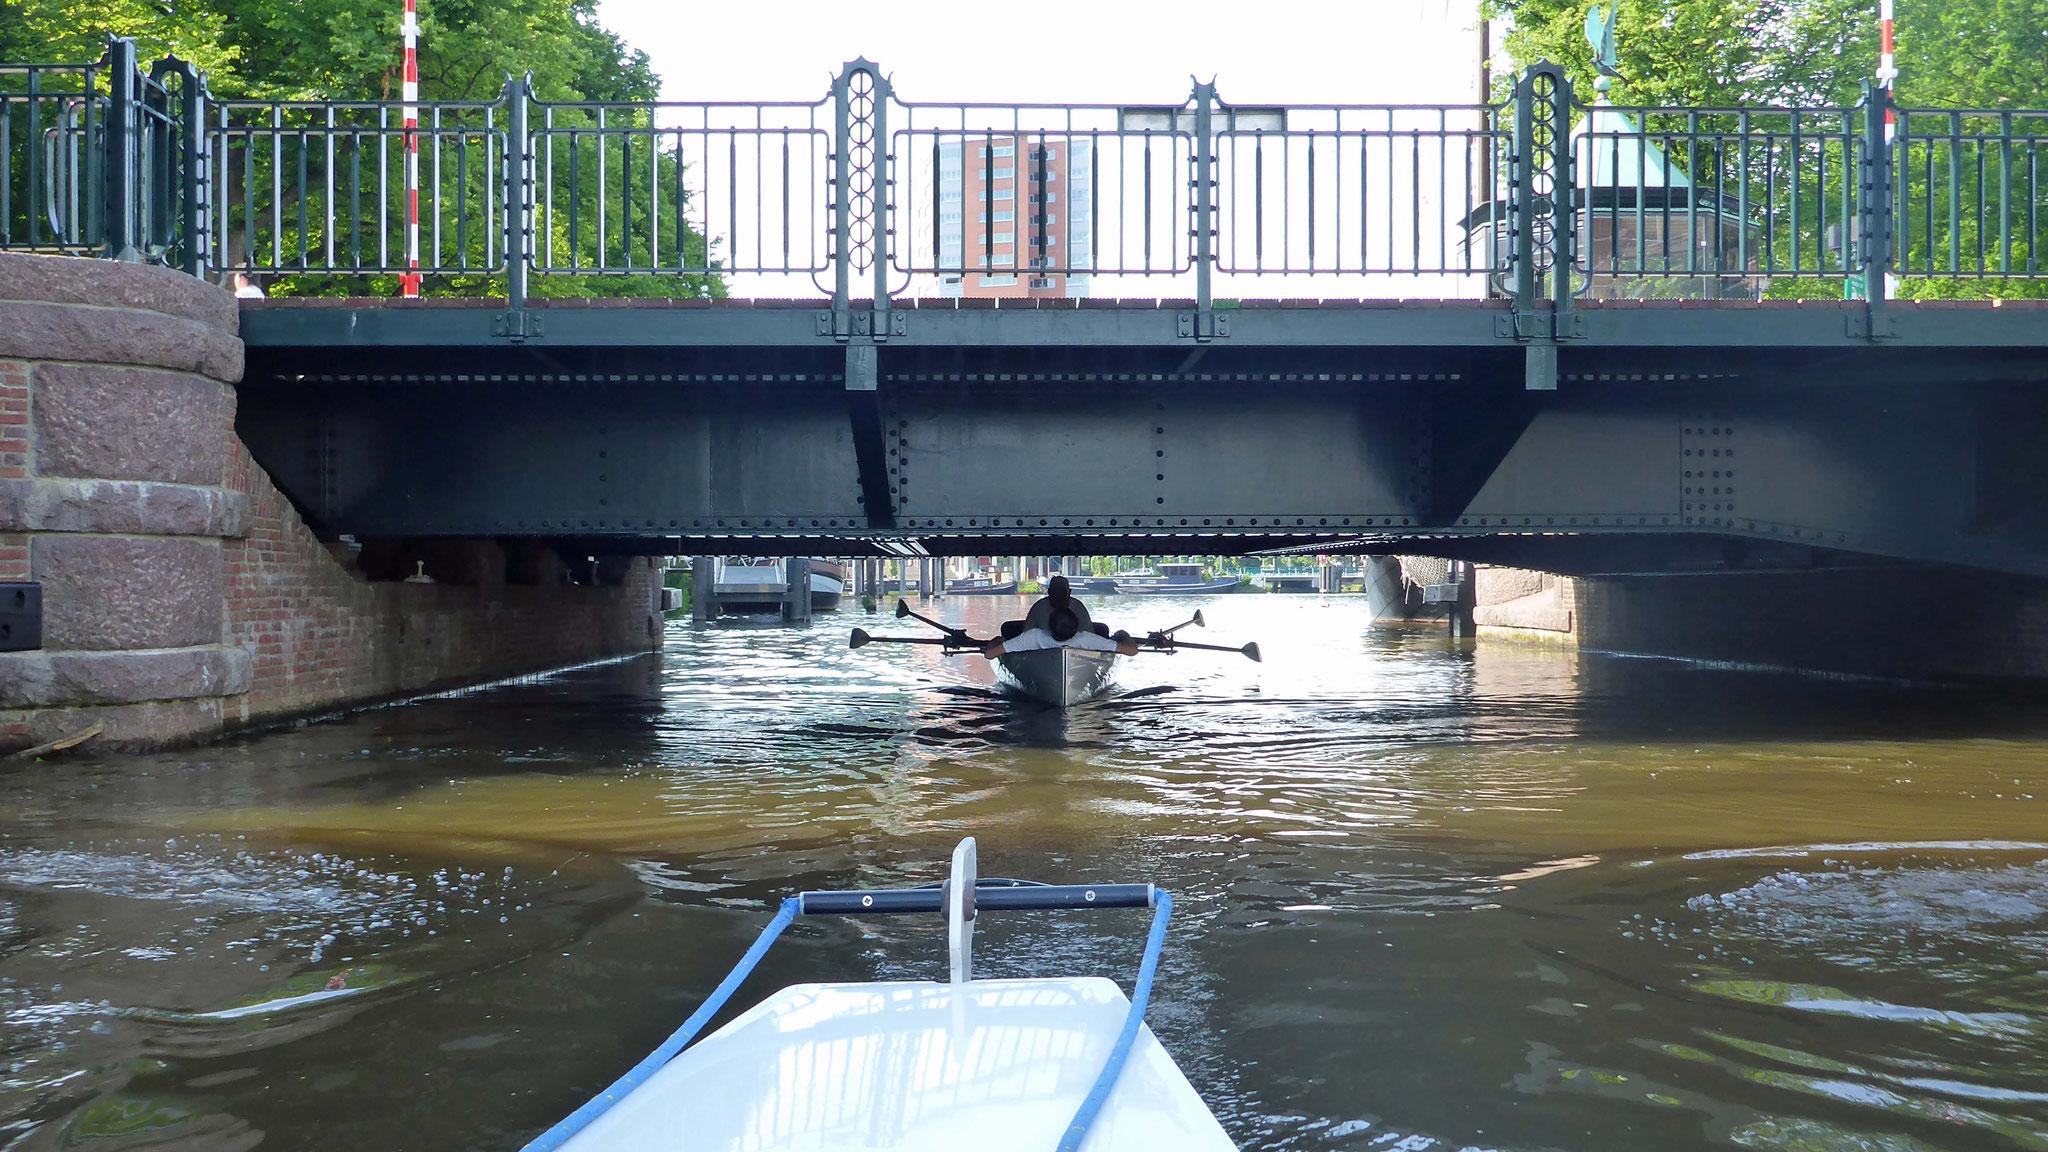 Natürlich unter niedrigen Brücken durch.